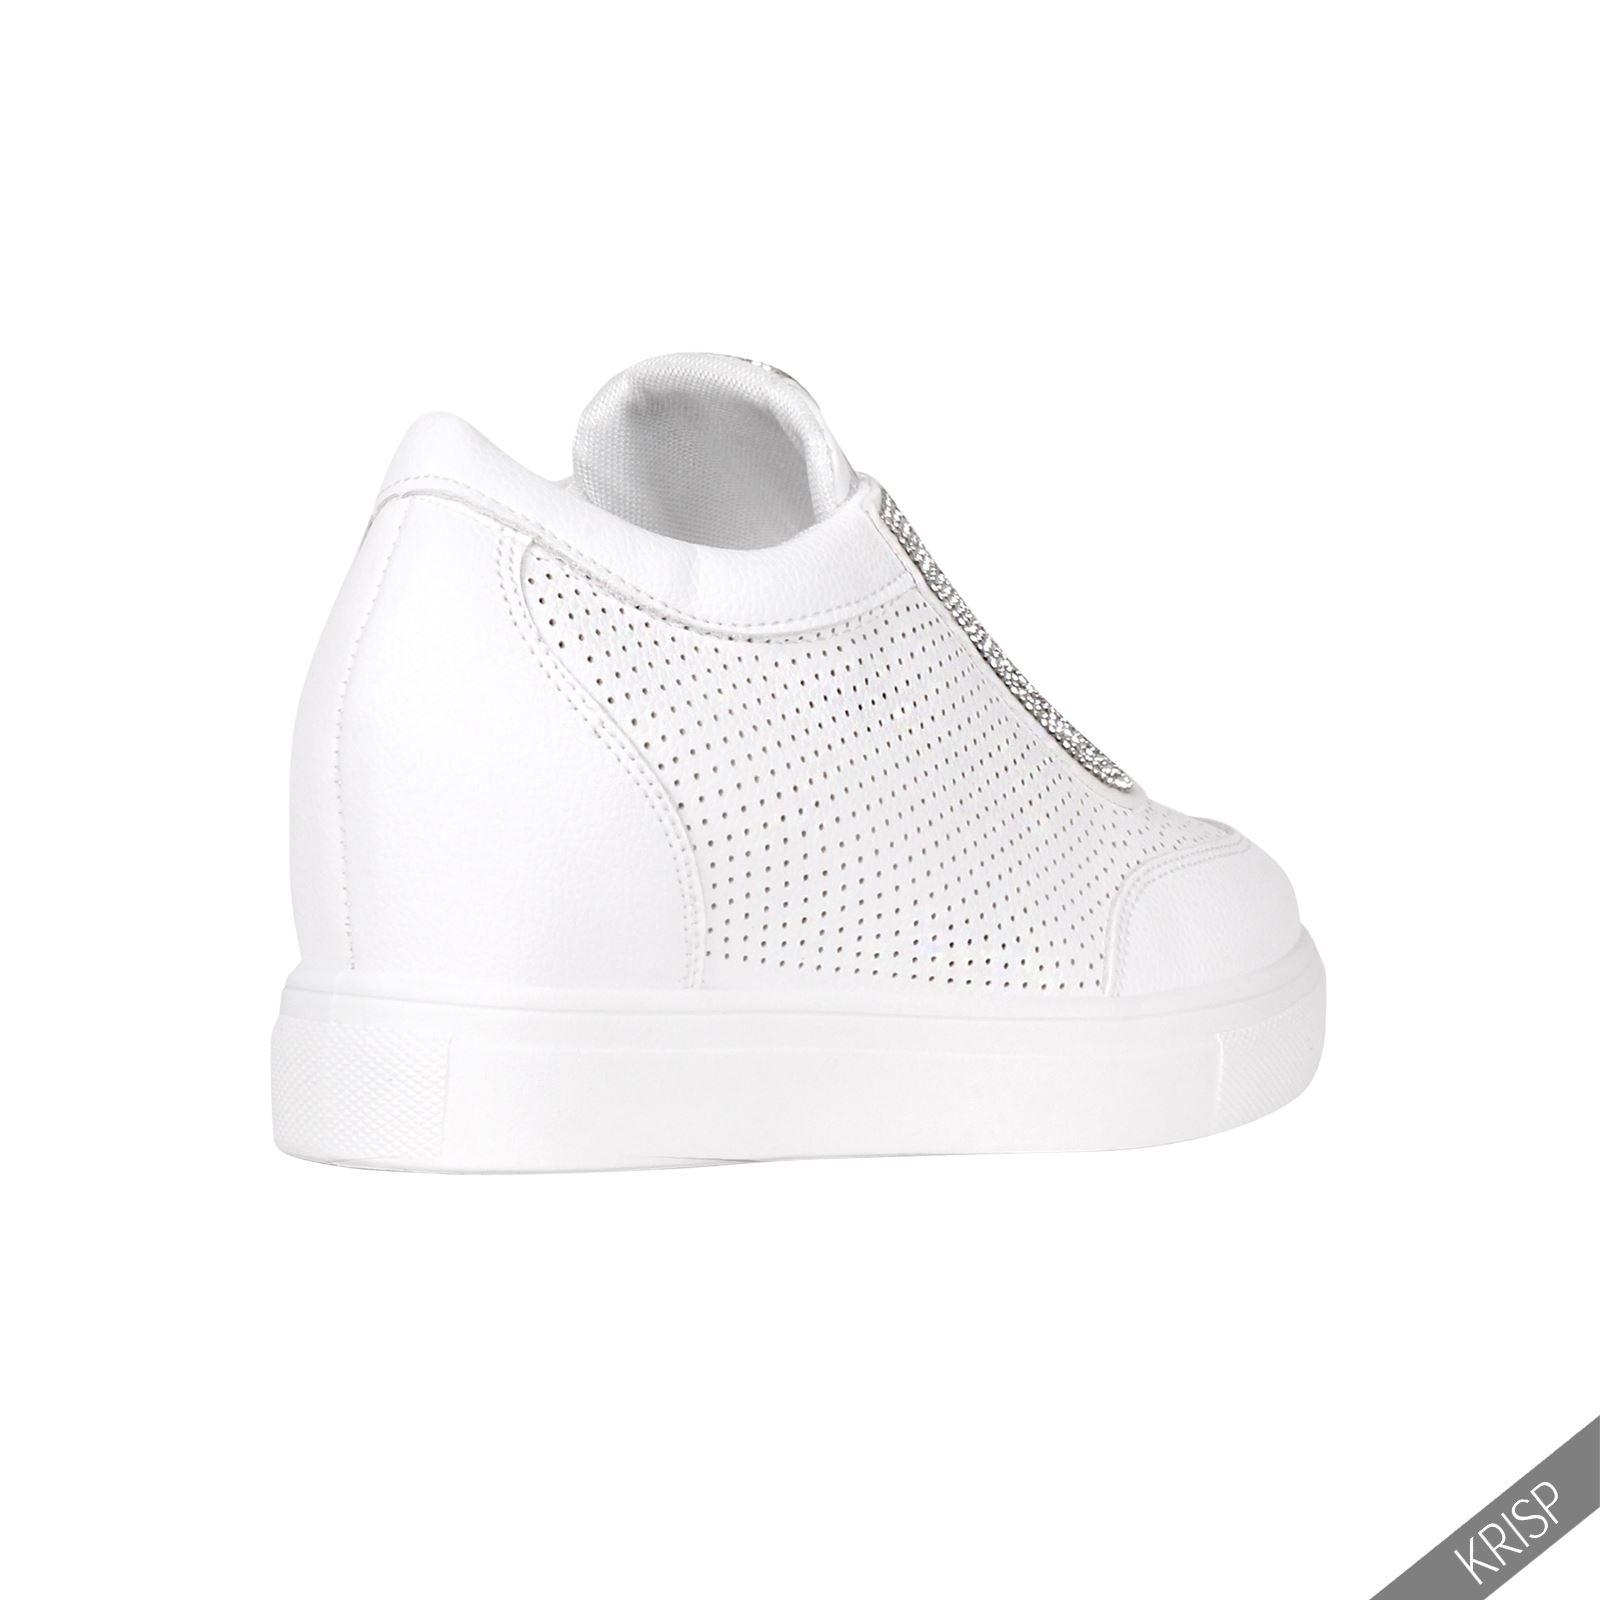 Krisp botines tac n cu a interior zapatillas depotivas botas originales brillo ebay - Sneakers cuna interior ...